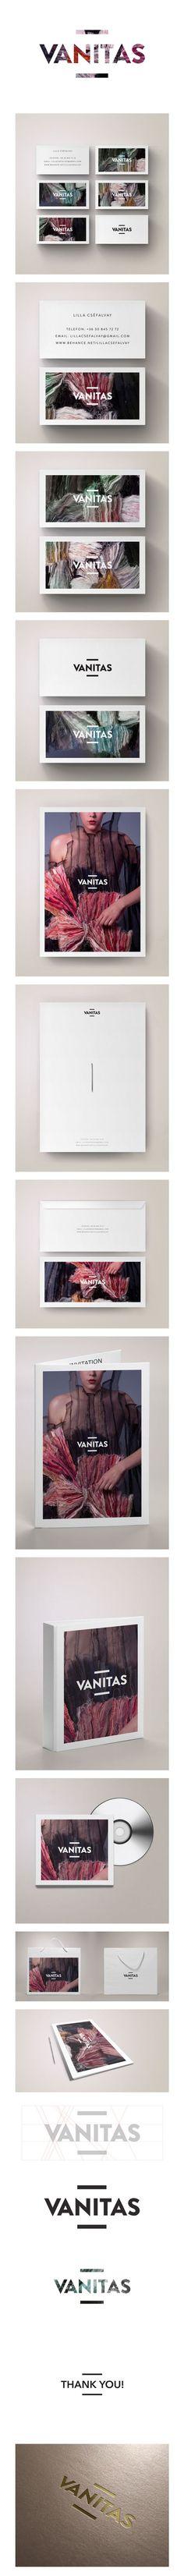 Vanitas branding: